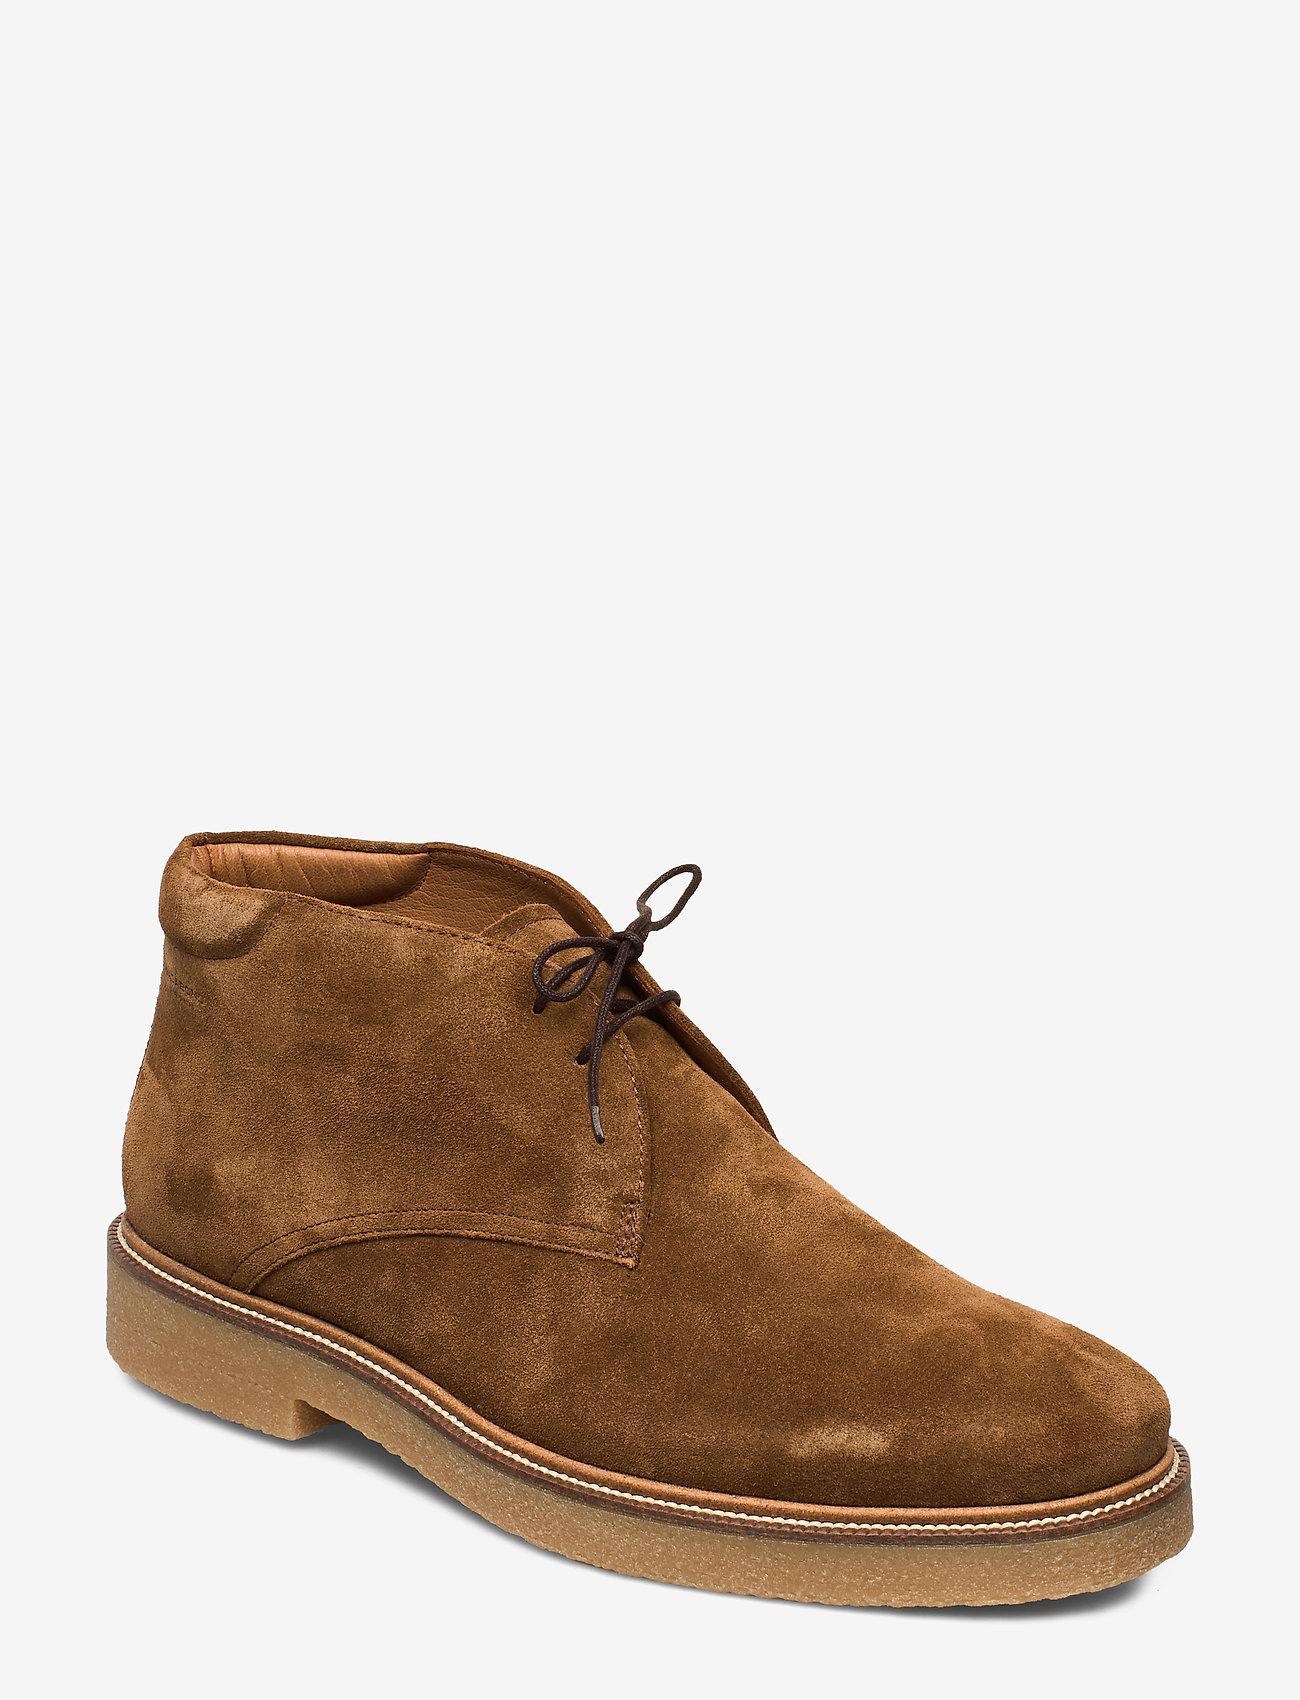 VAGABOND - GARY - desert boots - cognac - 0